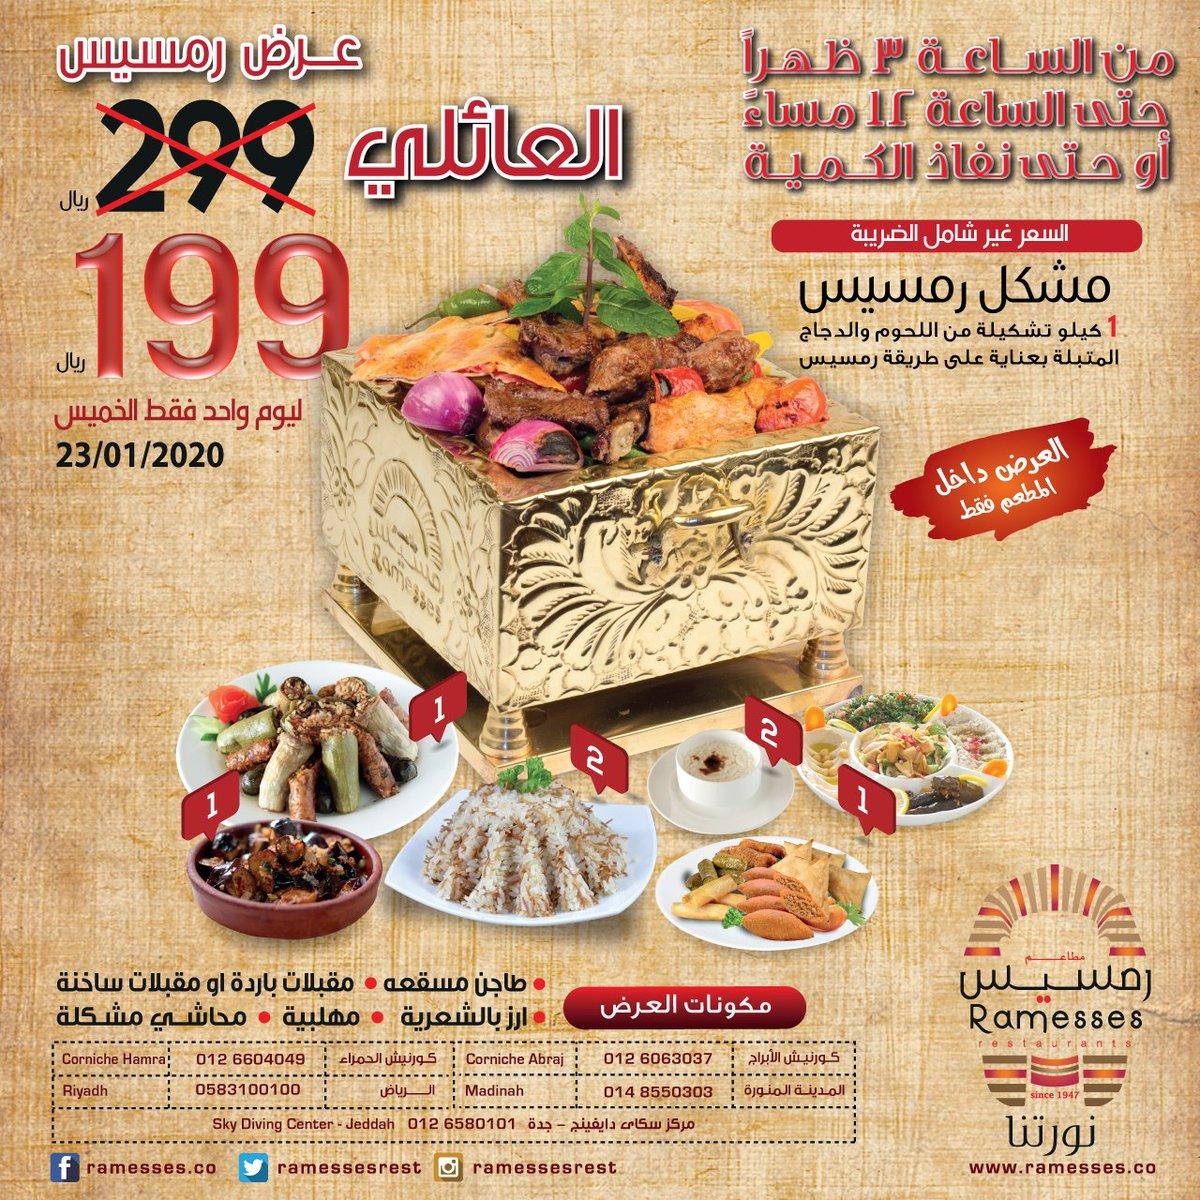 مطاعم رمسيس On Twitter عرض الاسبوع خصم 100 ريال على الوجبة العائلية من مطعم رمسيس مكون من اصناف من الذ انواع الاكلات المصرية فقط بـ 199 ريال بدلا